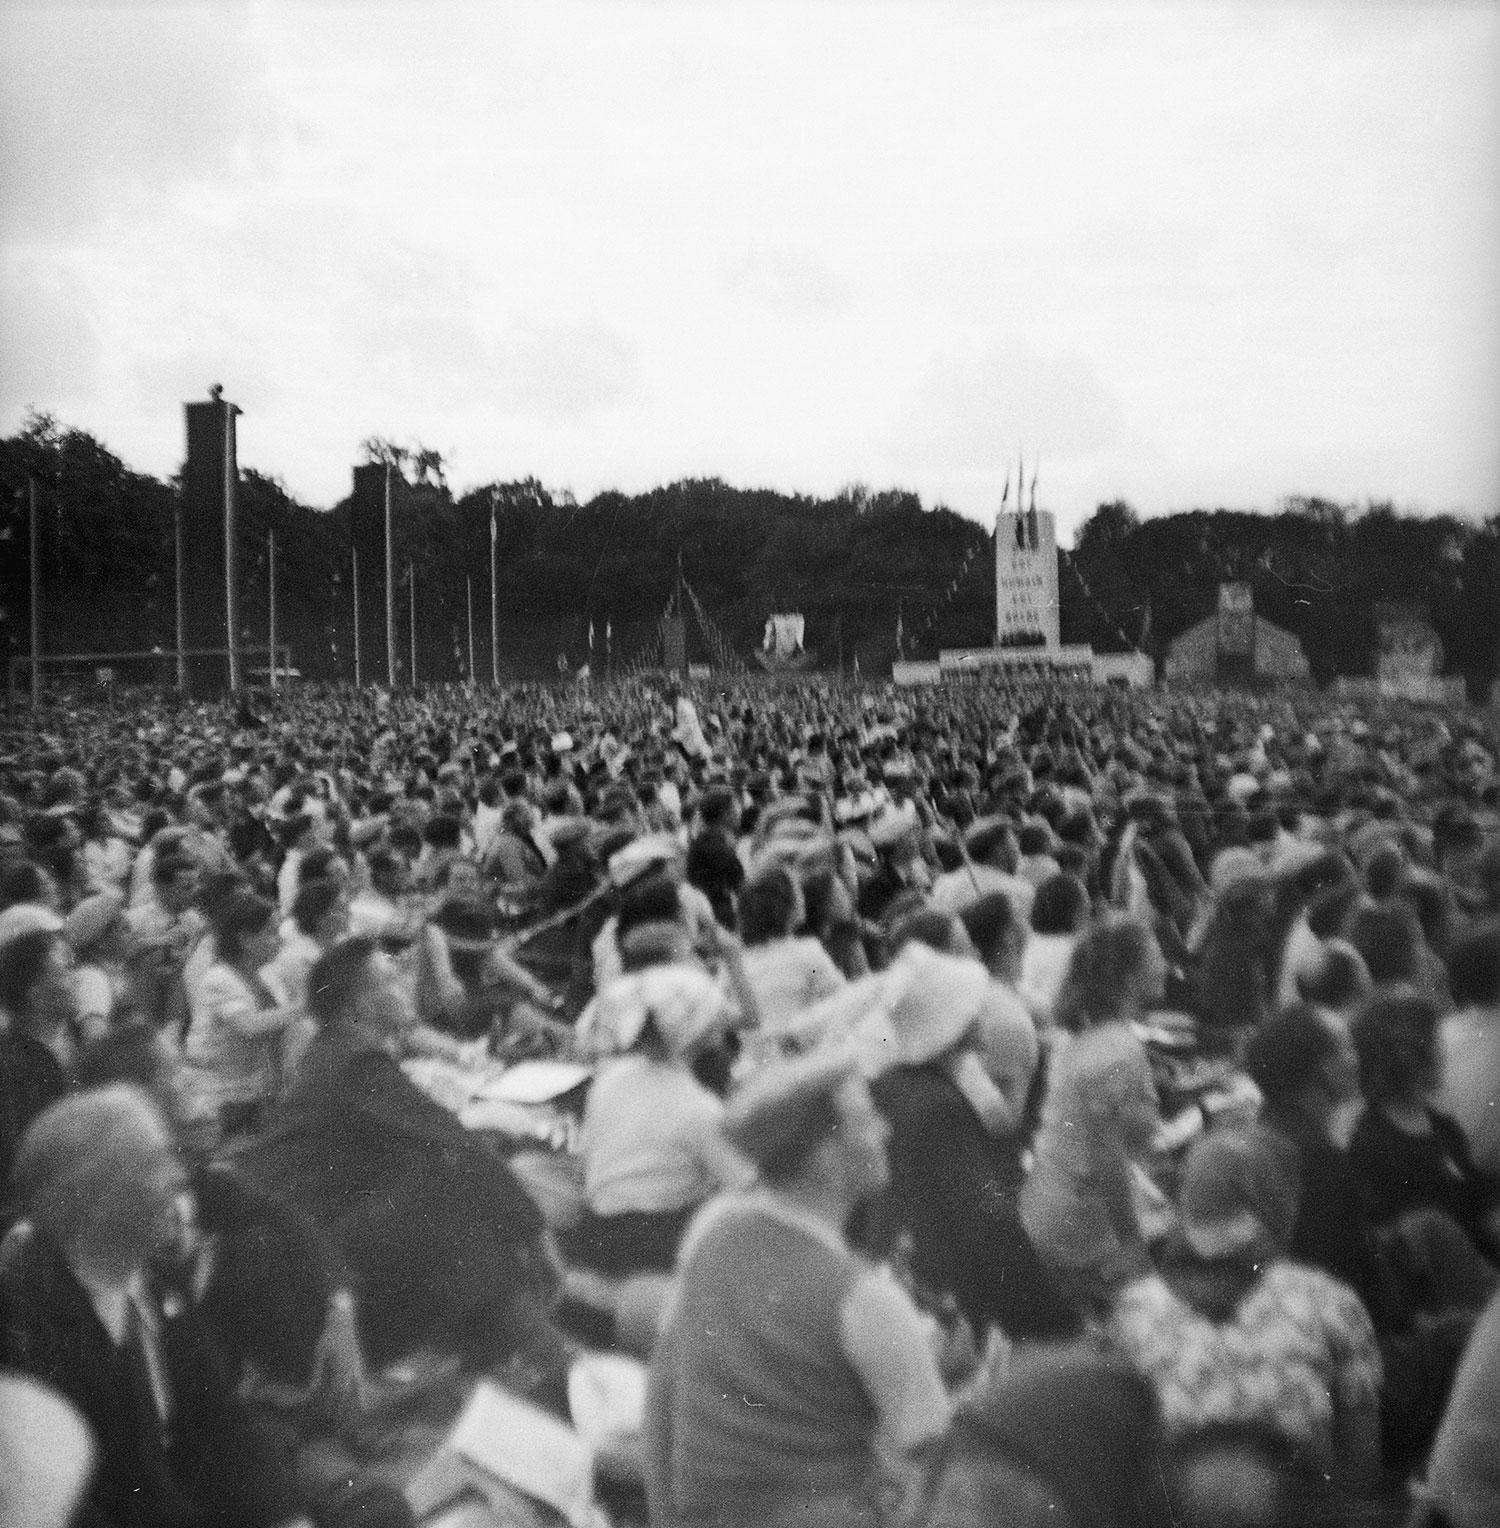 La foule et, à l'arrière-plan, le stand du Secours Populaire.